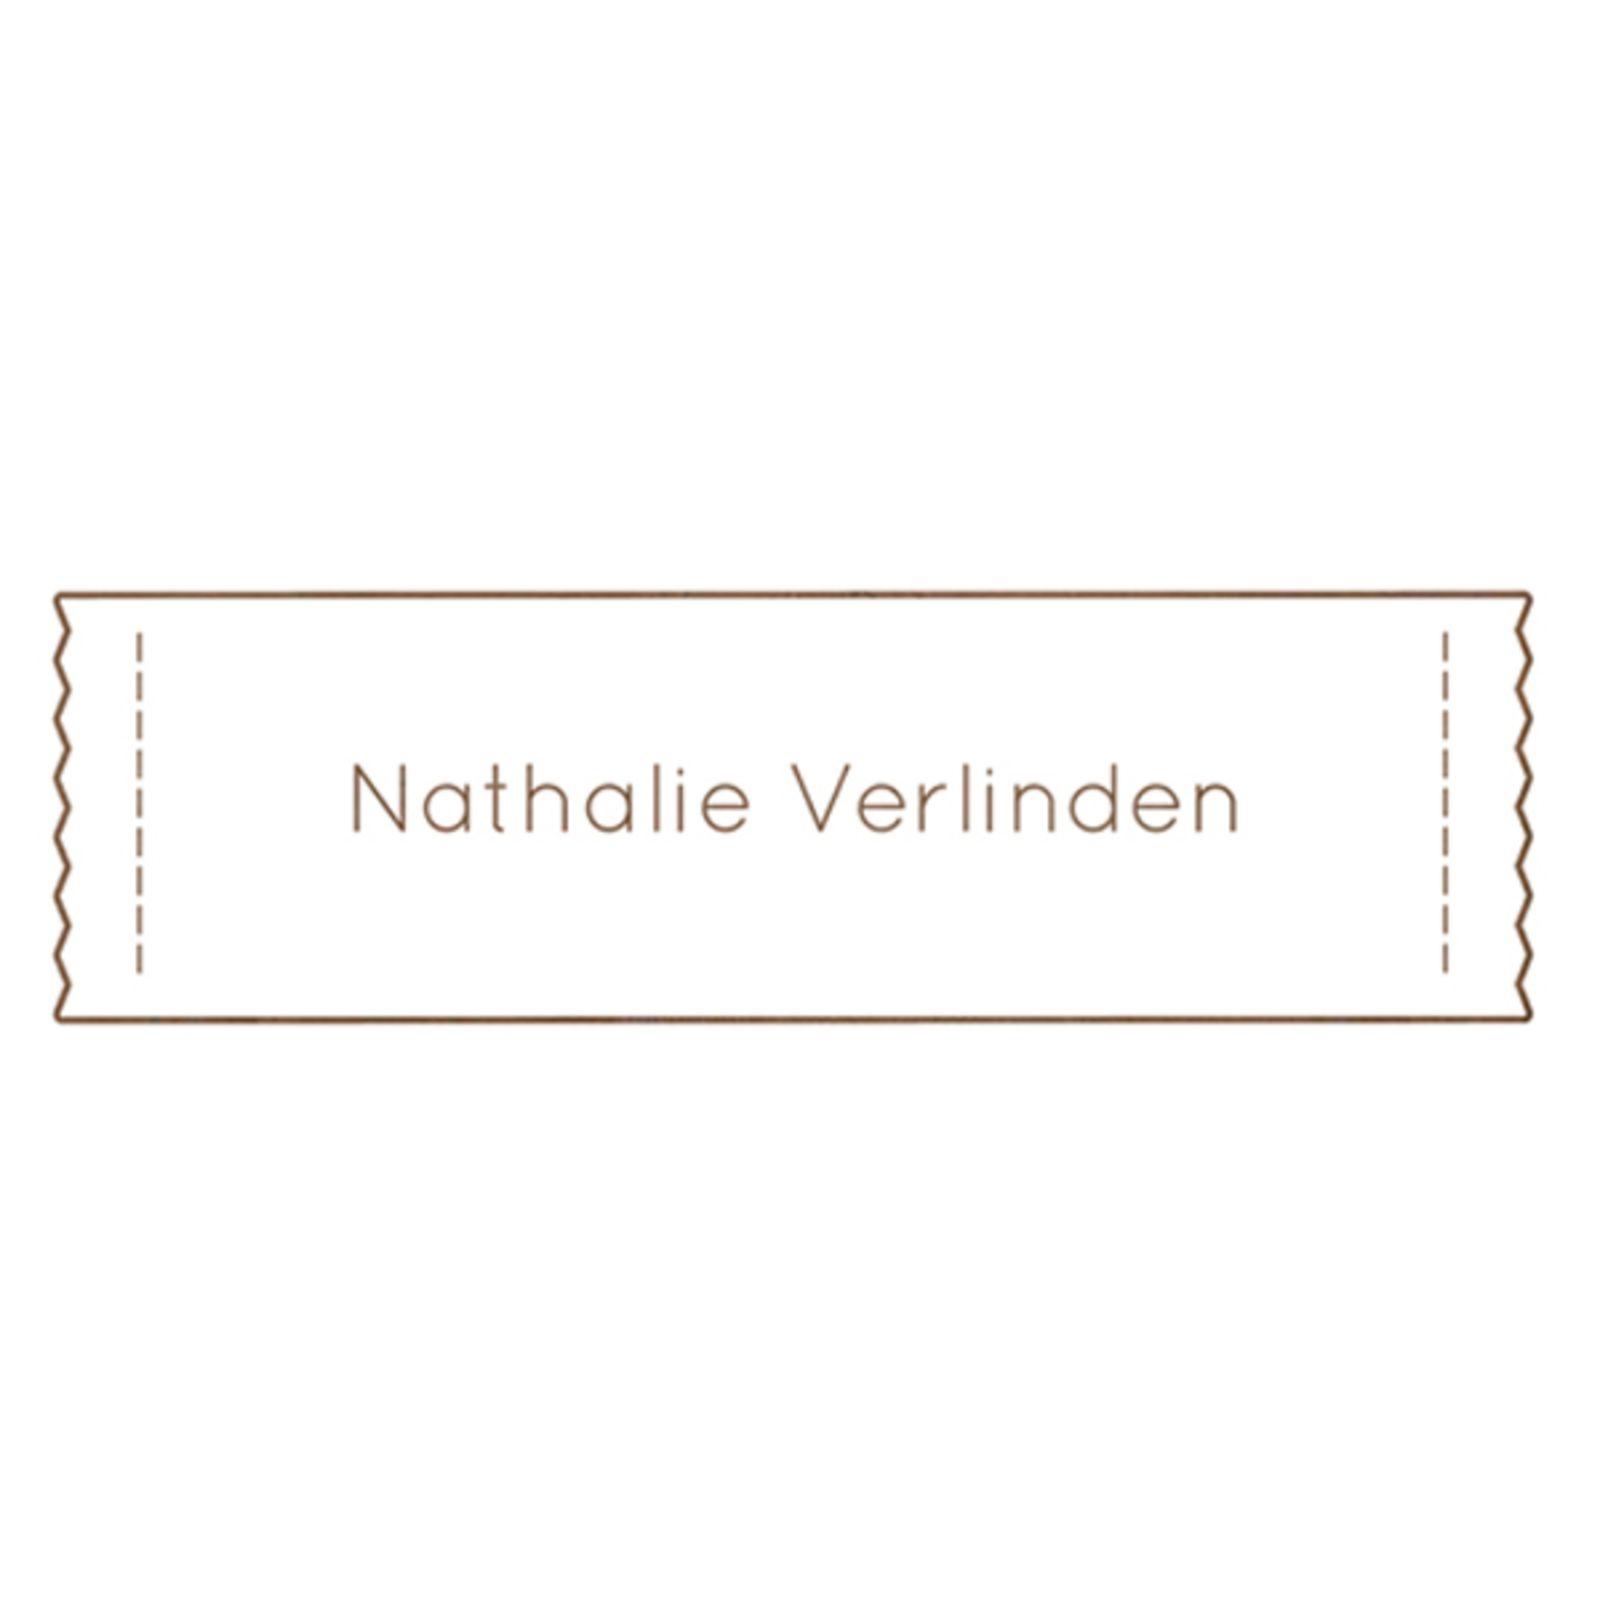 Nathalie Verlinden